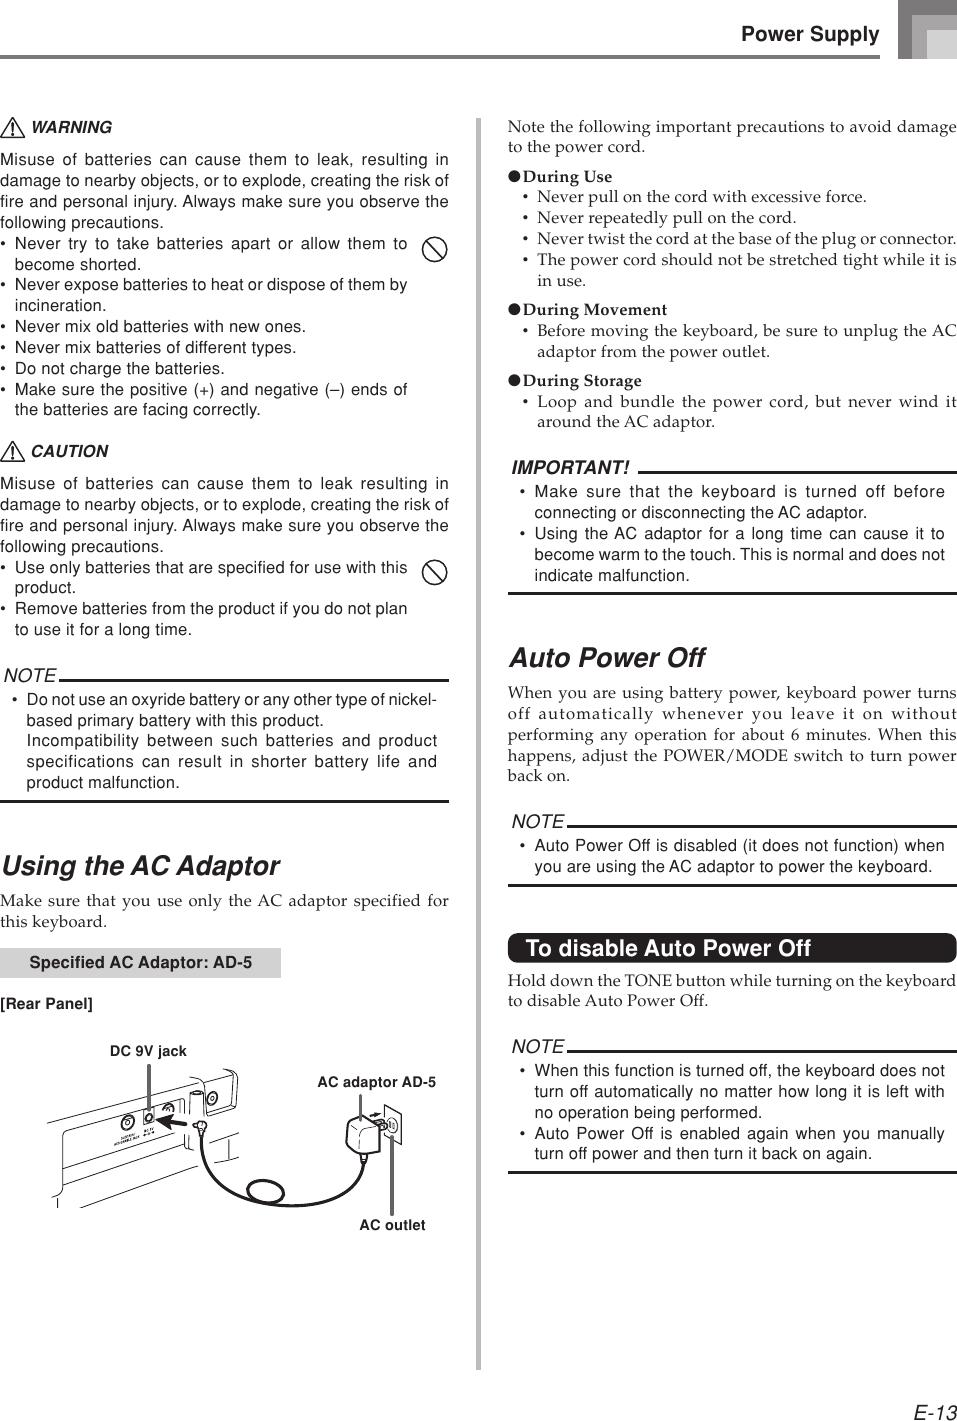 Casio Lk 215 Users Manual LK210_LK215_e